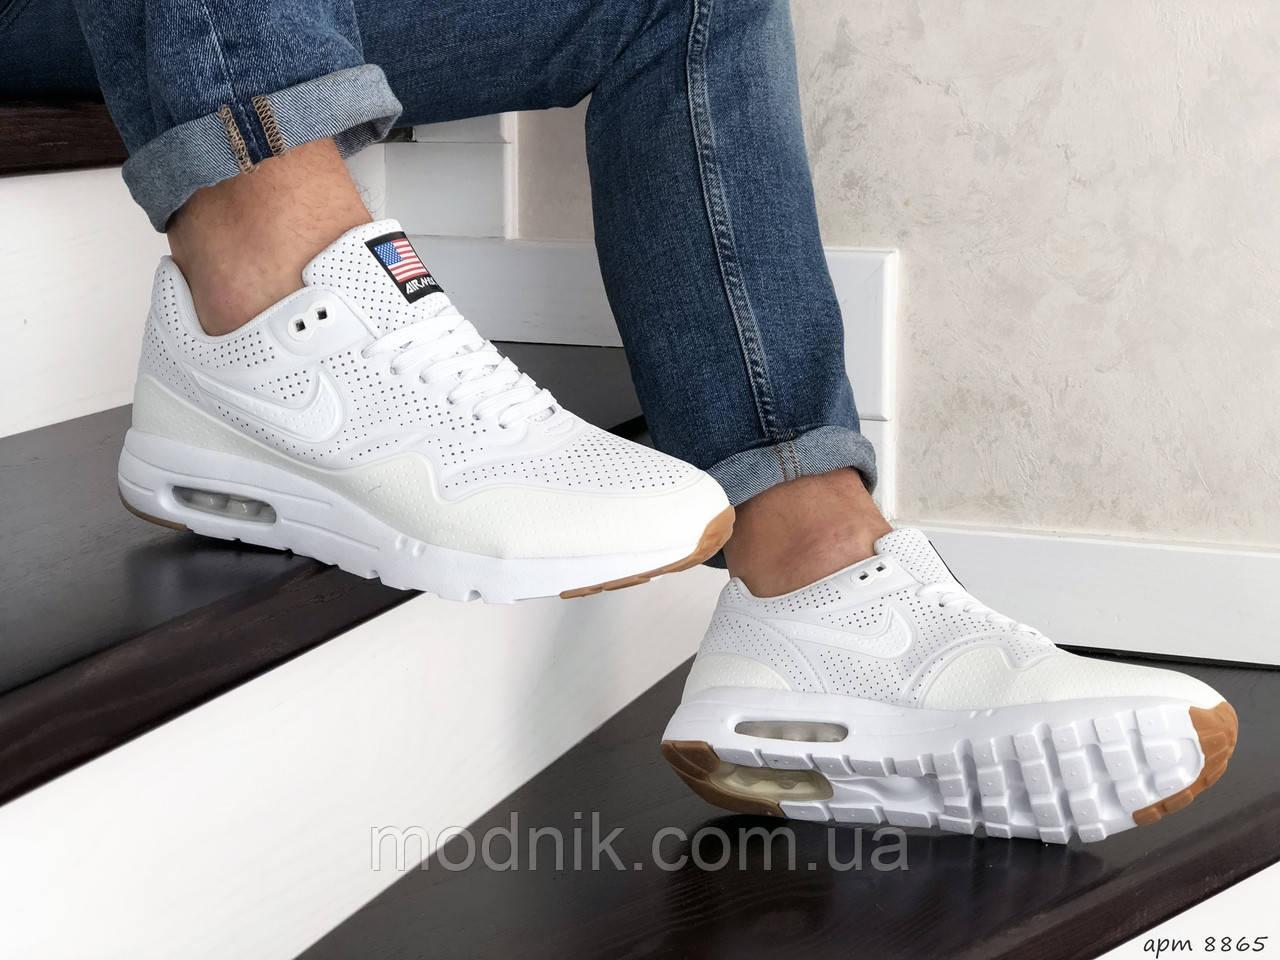 Чоловічі кросівки Nike Air Max 1 Ultra Moire (білі) - Рефлектив - Індонезія